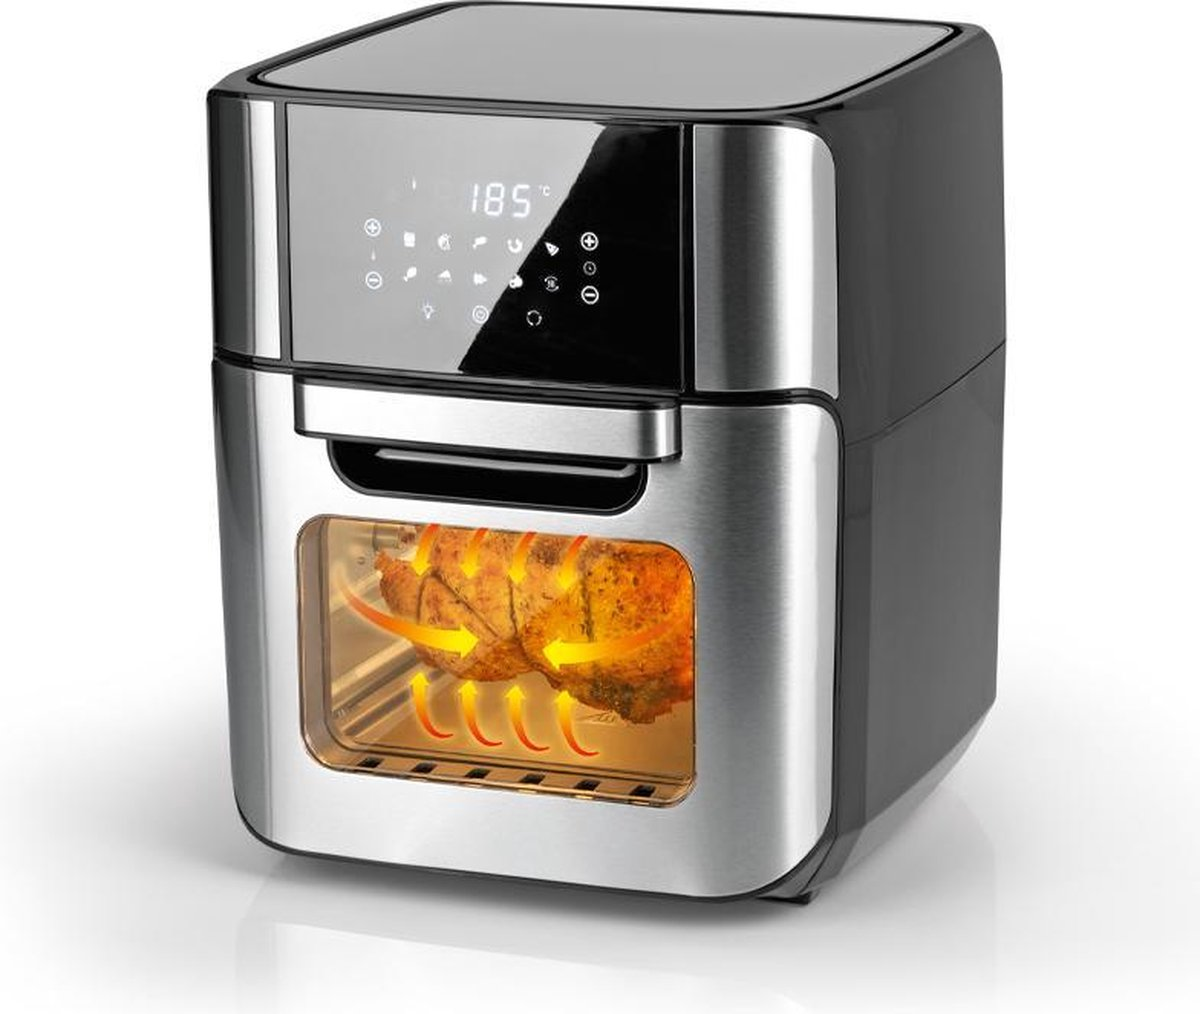 Molino Heteluchtfriteuse XXL - Hetelucht friteuse - 12 liter - Incl. accessoires